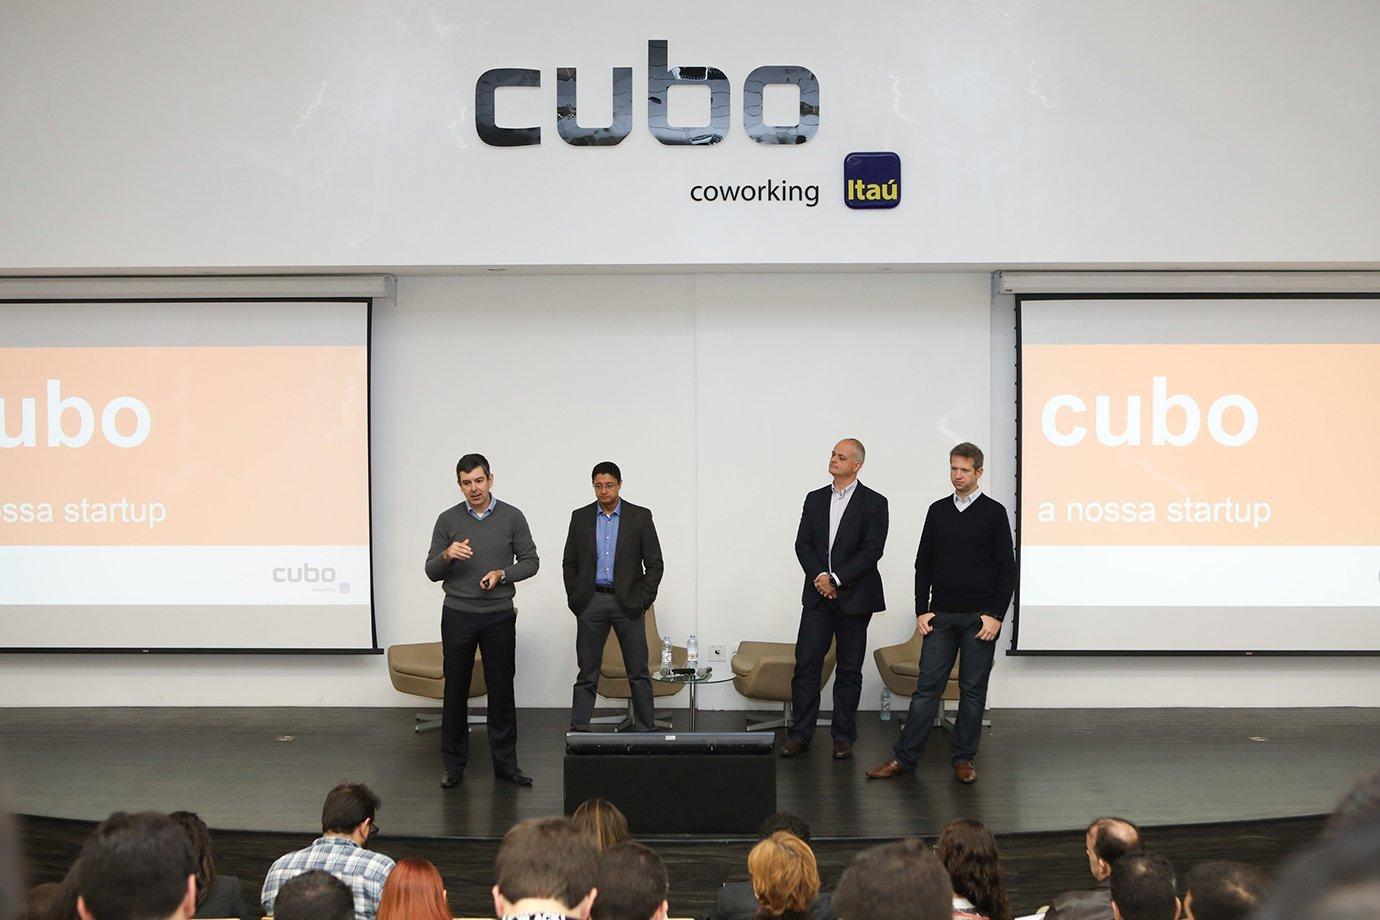 Anúncio de mudança de prédio no Cubo Coworking Itaú